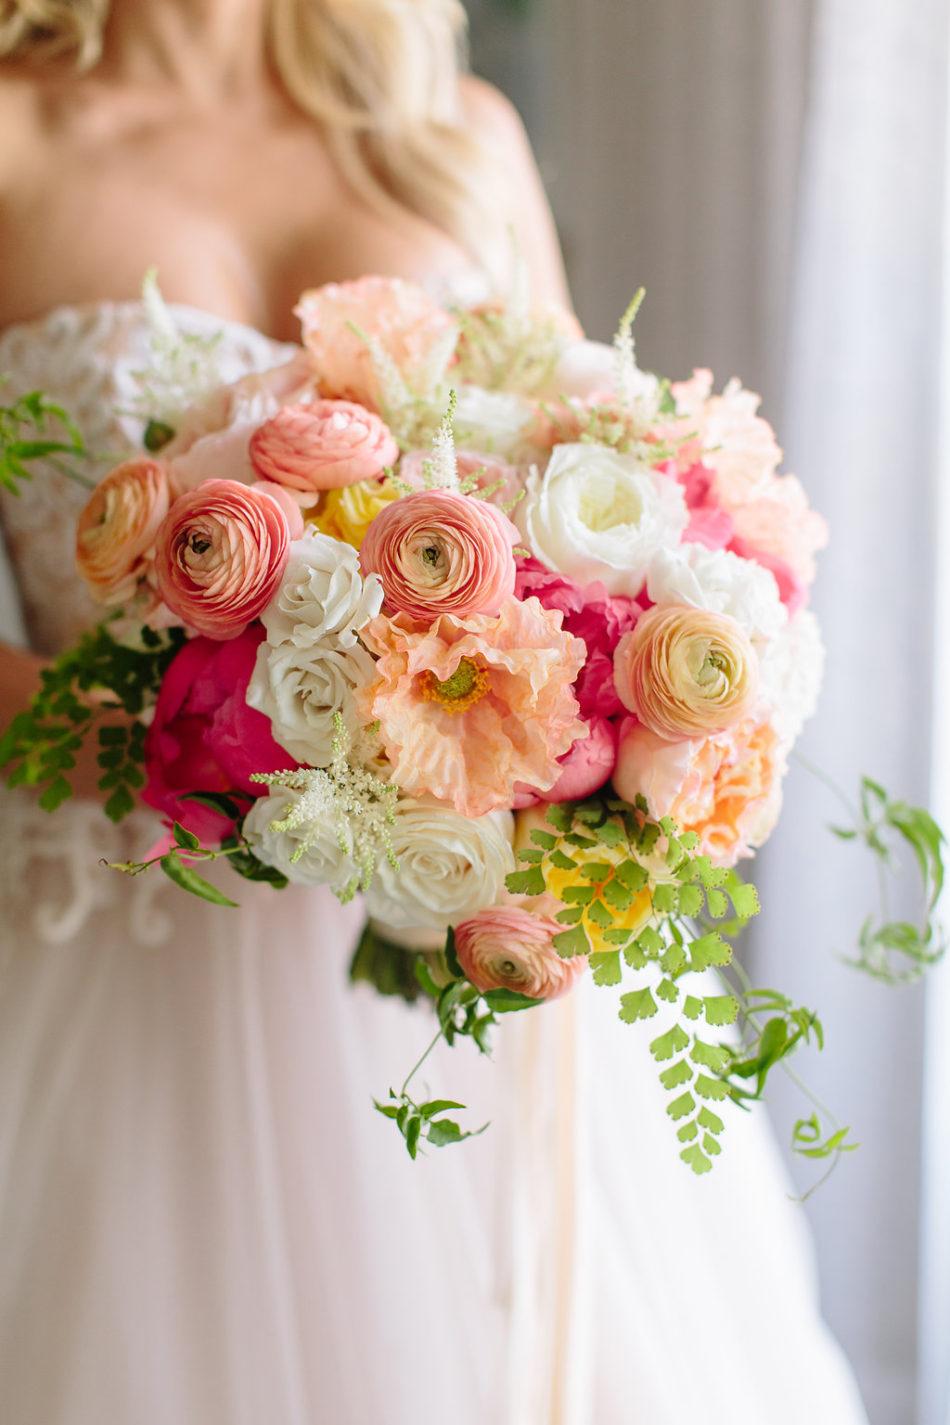 coral bouquet, pink bouquet, memorable bridal bouquets, floral design, florist, wedding florist, wedding flowers, orange county weddings, orange county wedding florist, orange county florist, orange county floral design, flowers by cina